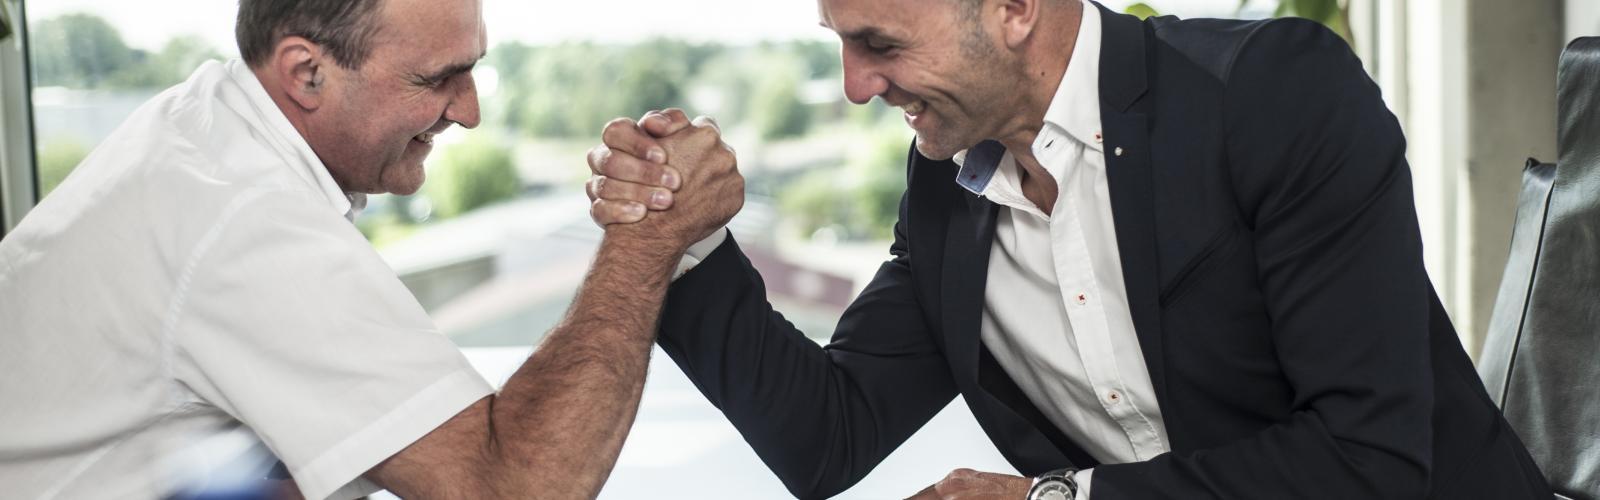 Twee mannen zijn aan het armworstelen